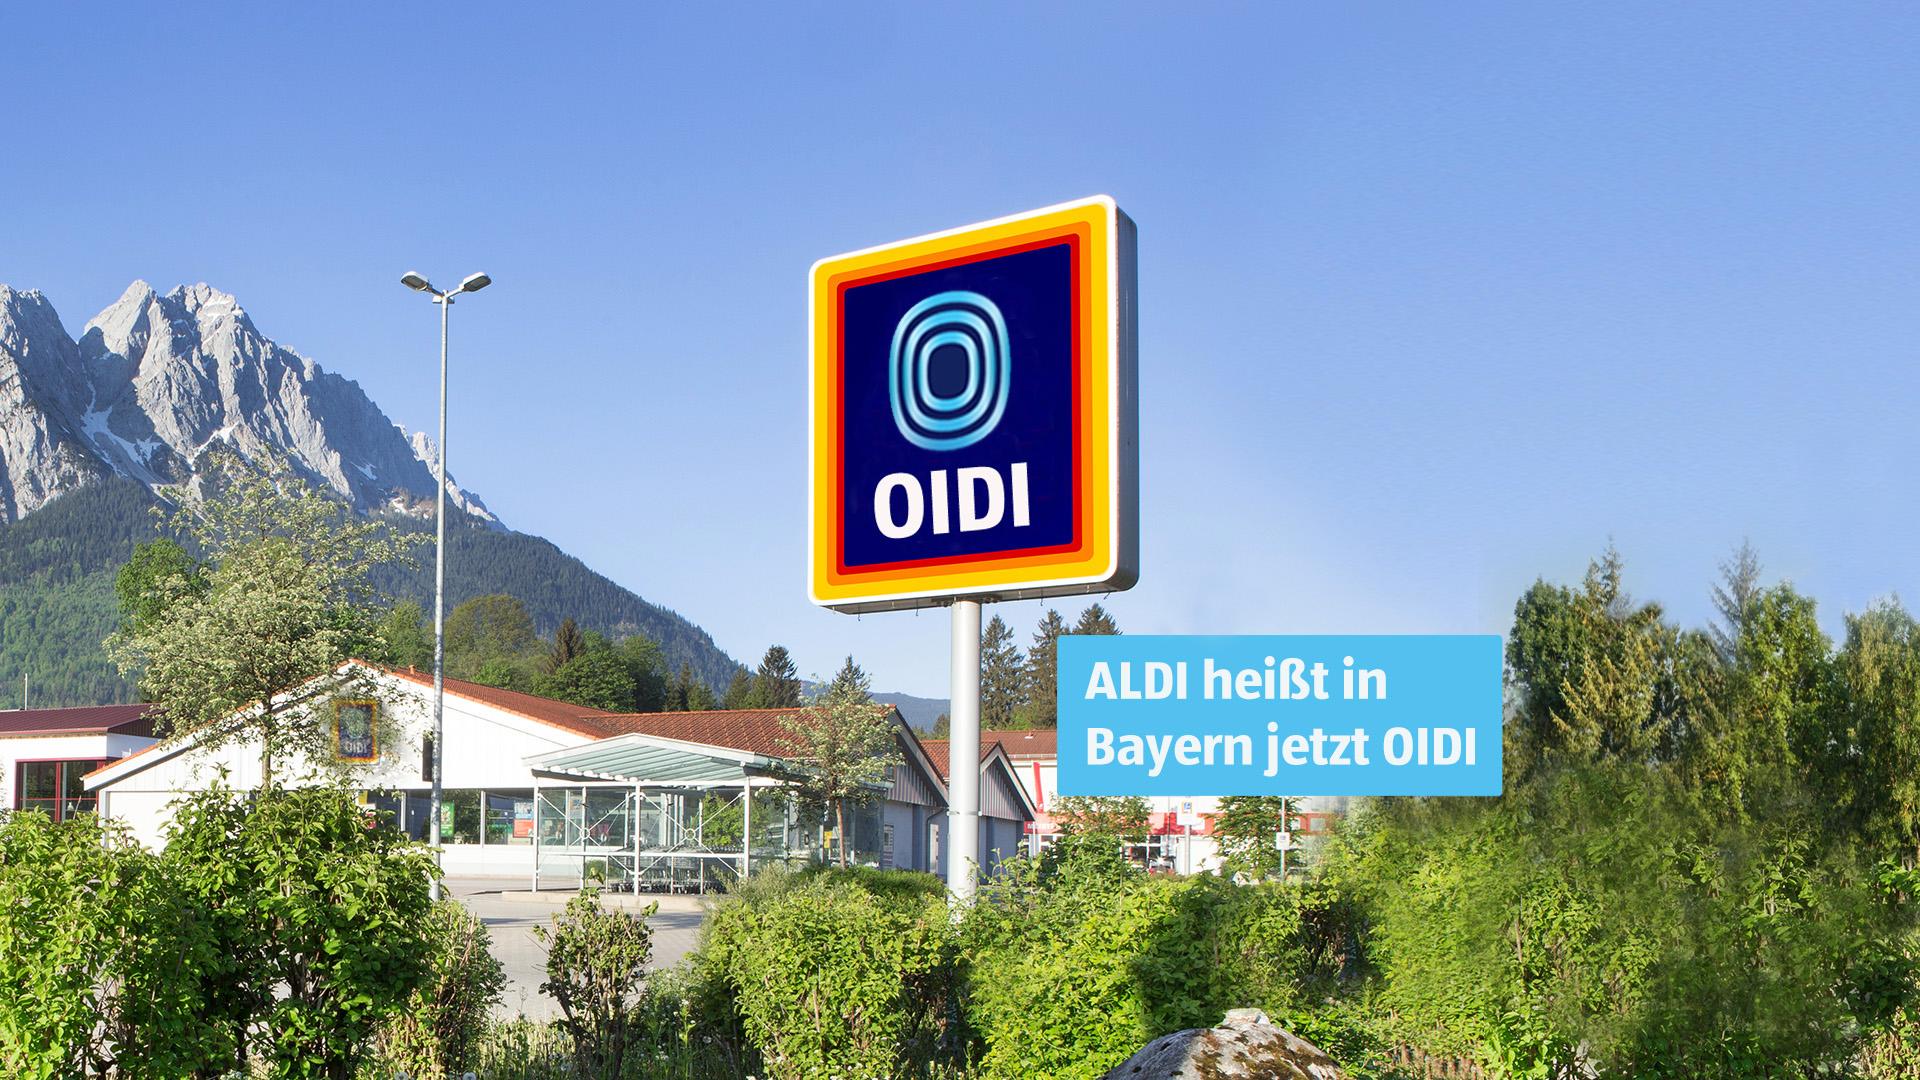 Aldi Werbespot Kühlschrank : Aldi absurd schräger werbe flyer wird viral hit chip